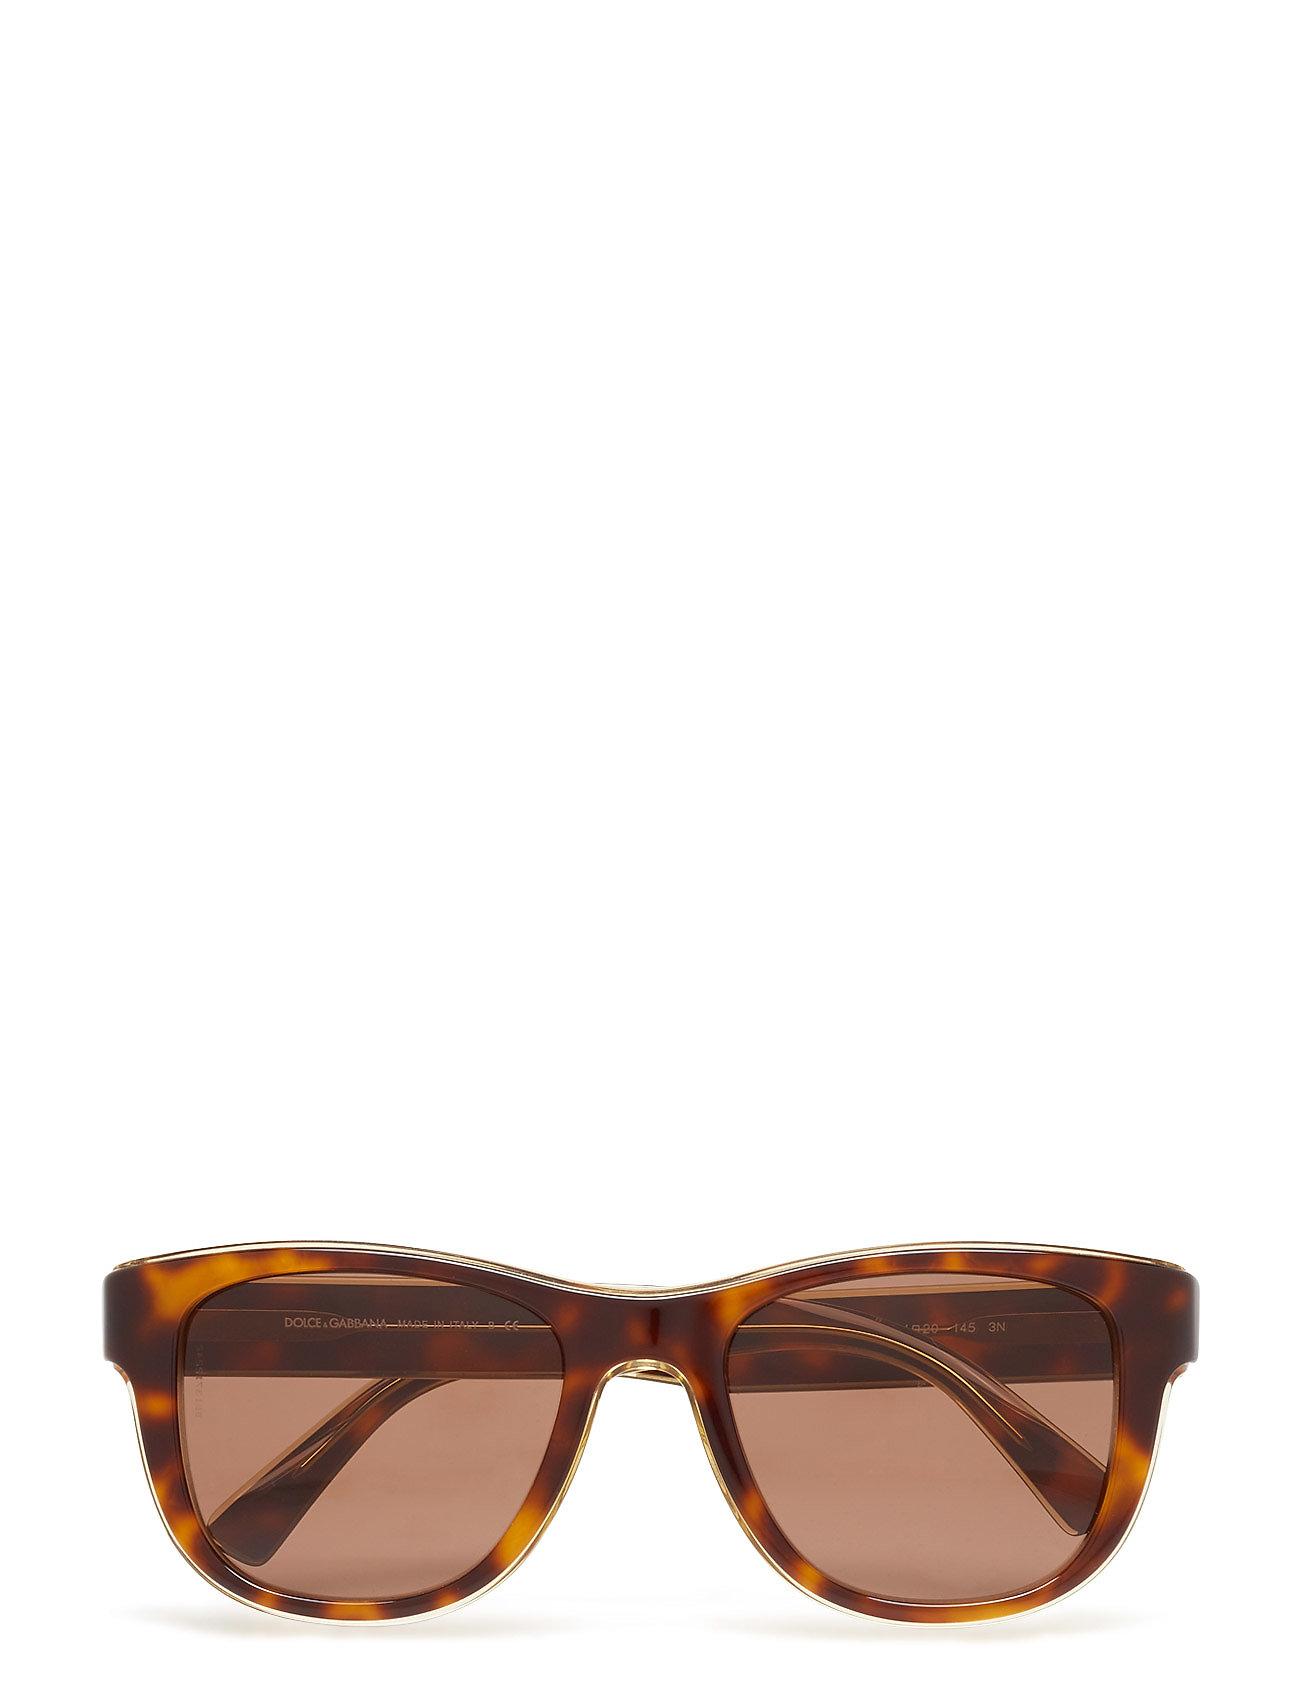 D-Frame Wayfarer Sonnenbrille Braun DOLCE & GABBANA SUNGLASSES